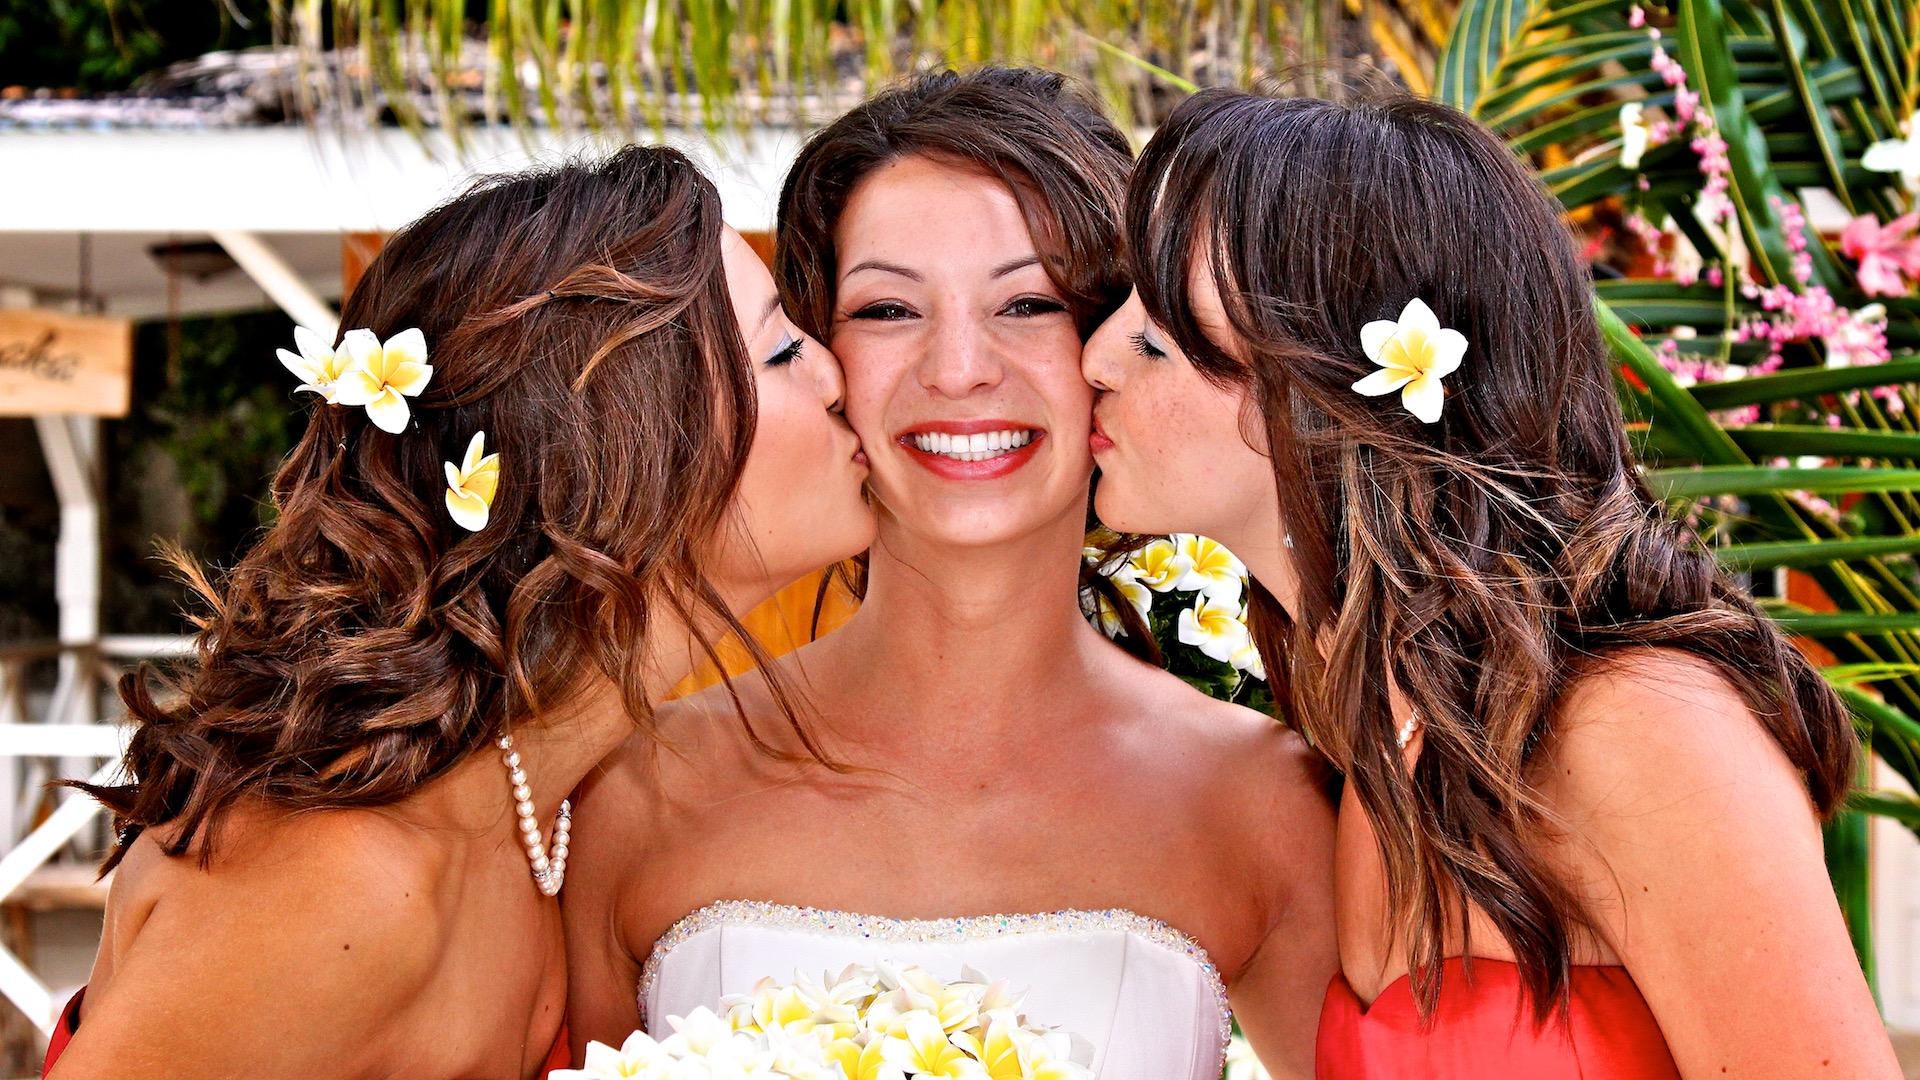 services_d'un_photographe_pro_de_mariage_basé_à_praslin_seychelles